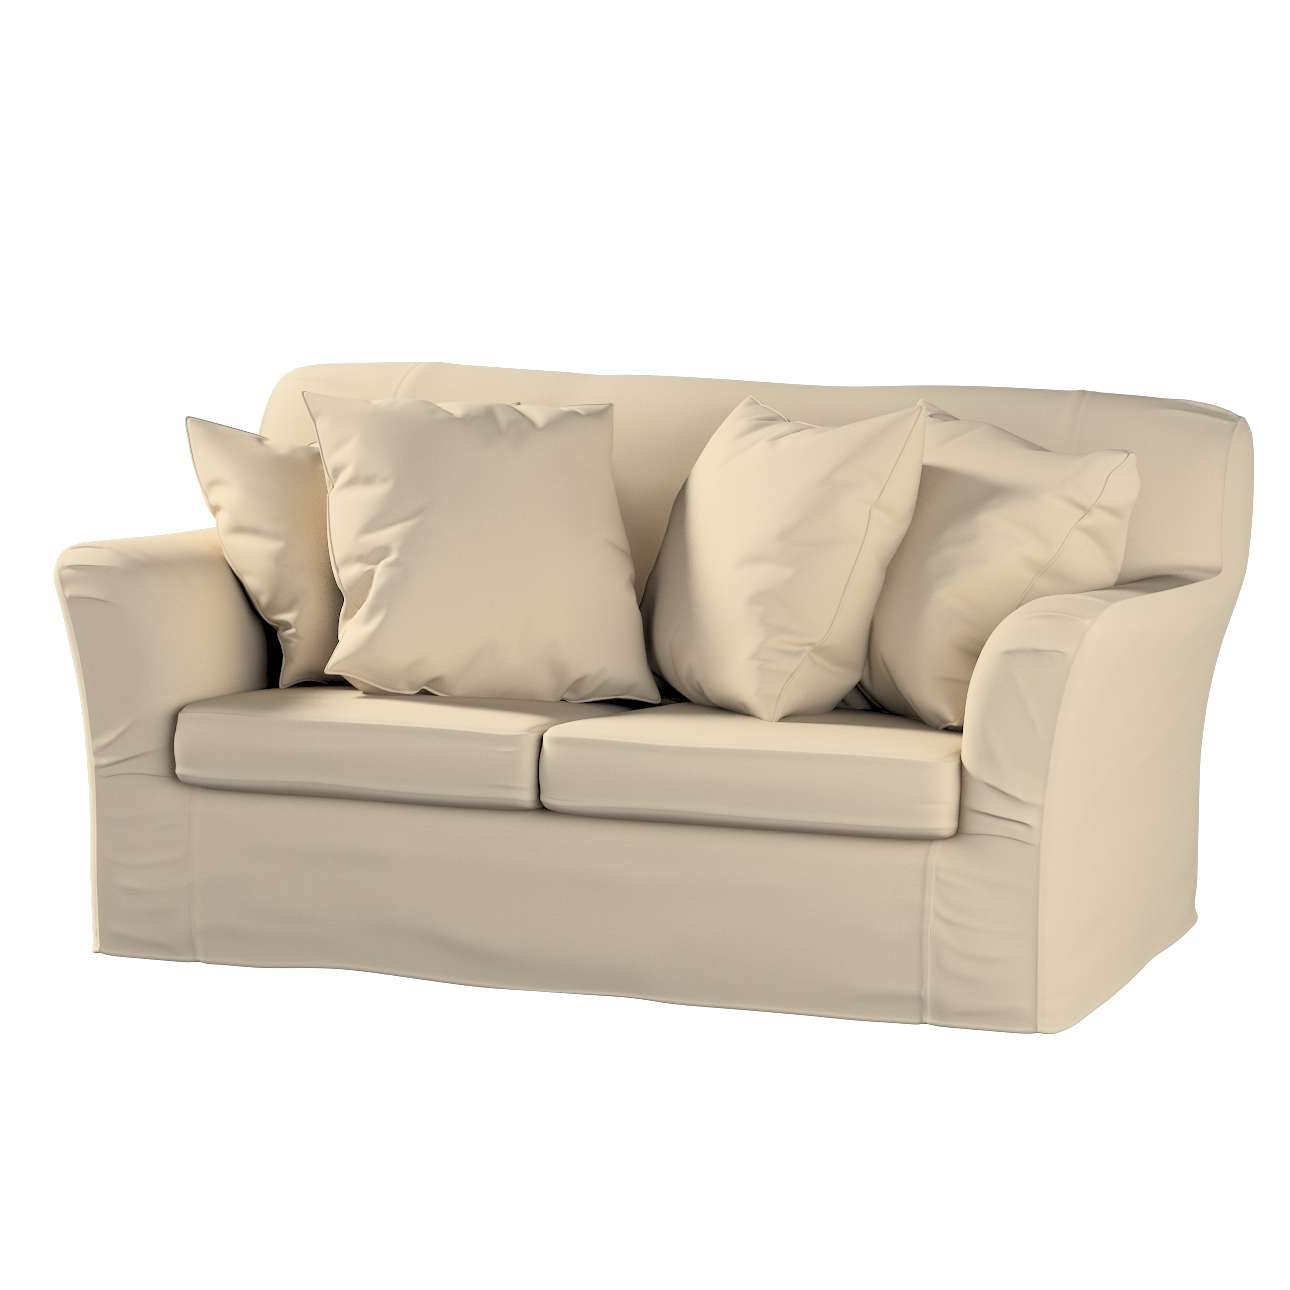 Tomelilla 2-seater sofa cover Tomelilla 2-seat sofa in collection Panama Cotton, fabric: 702-01